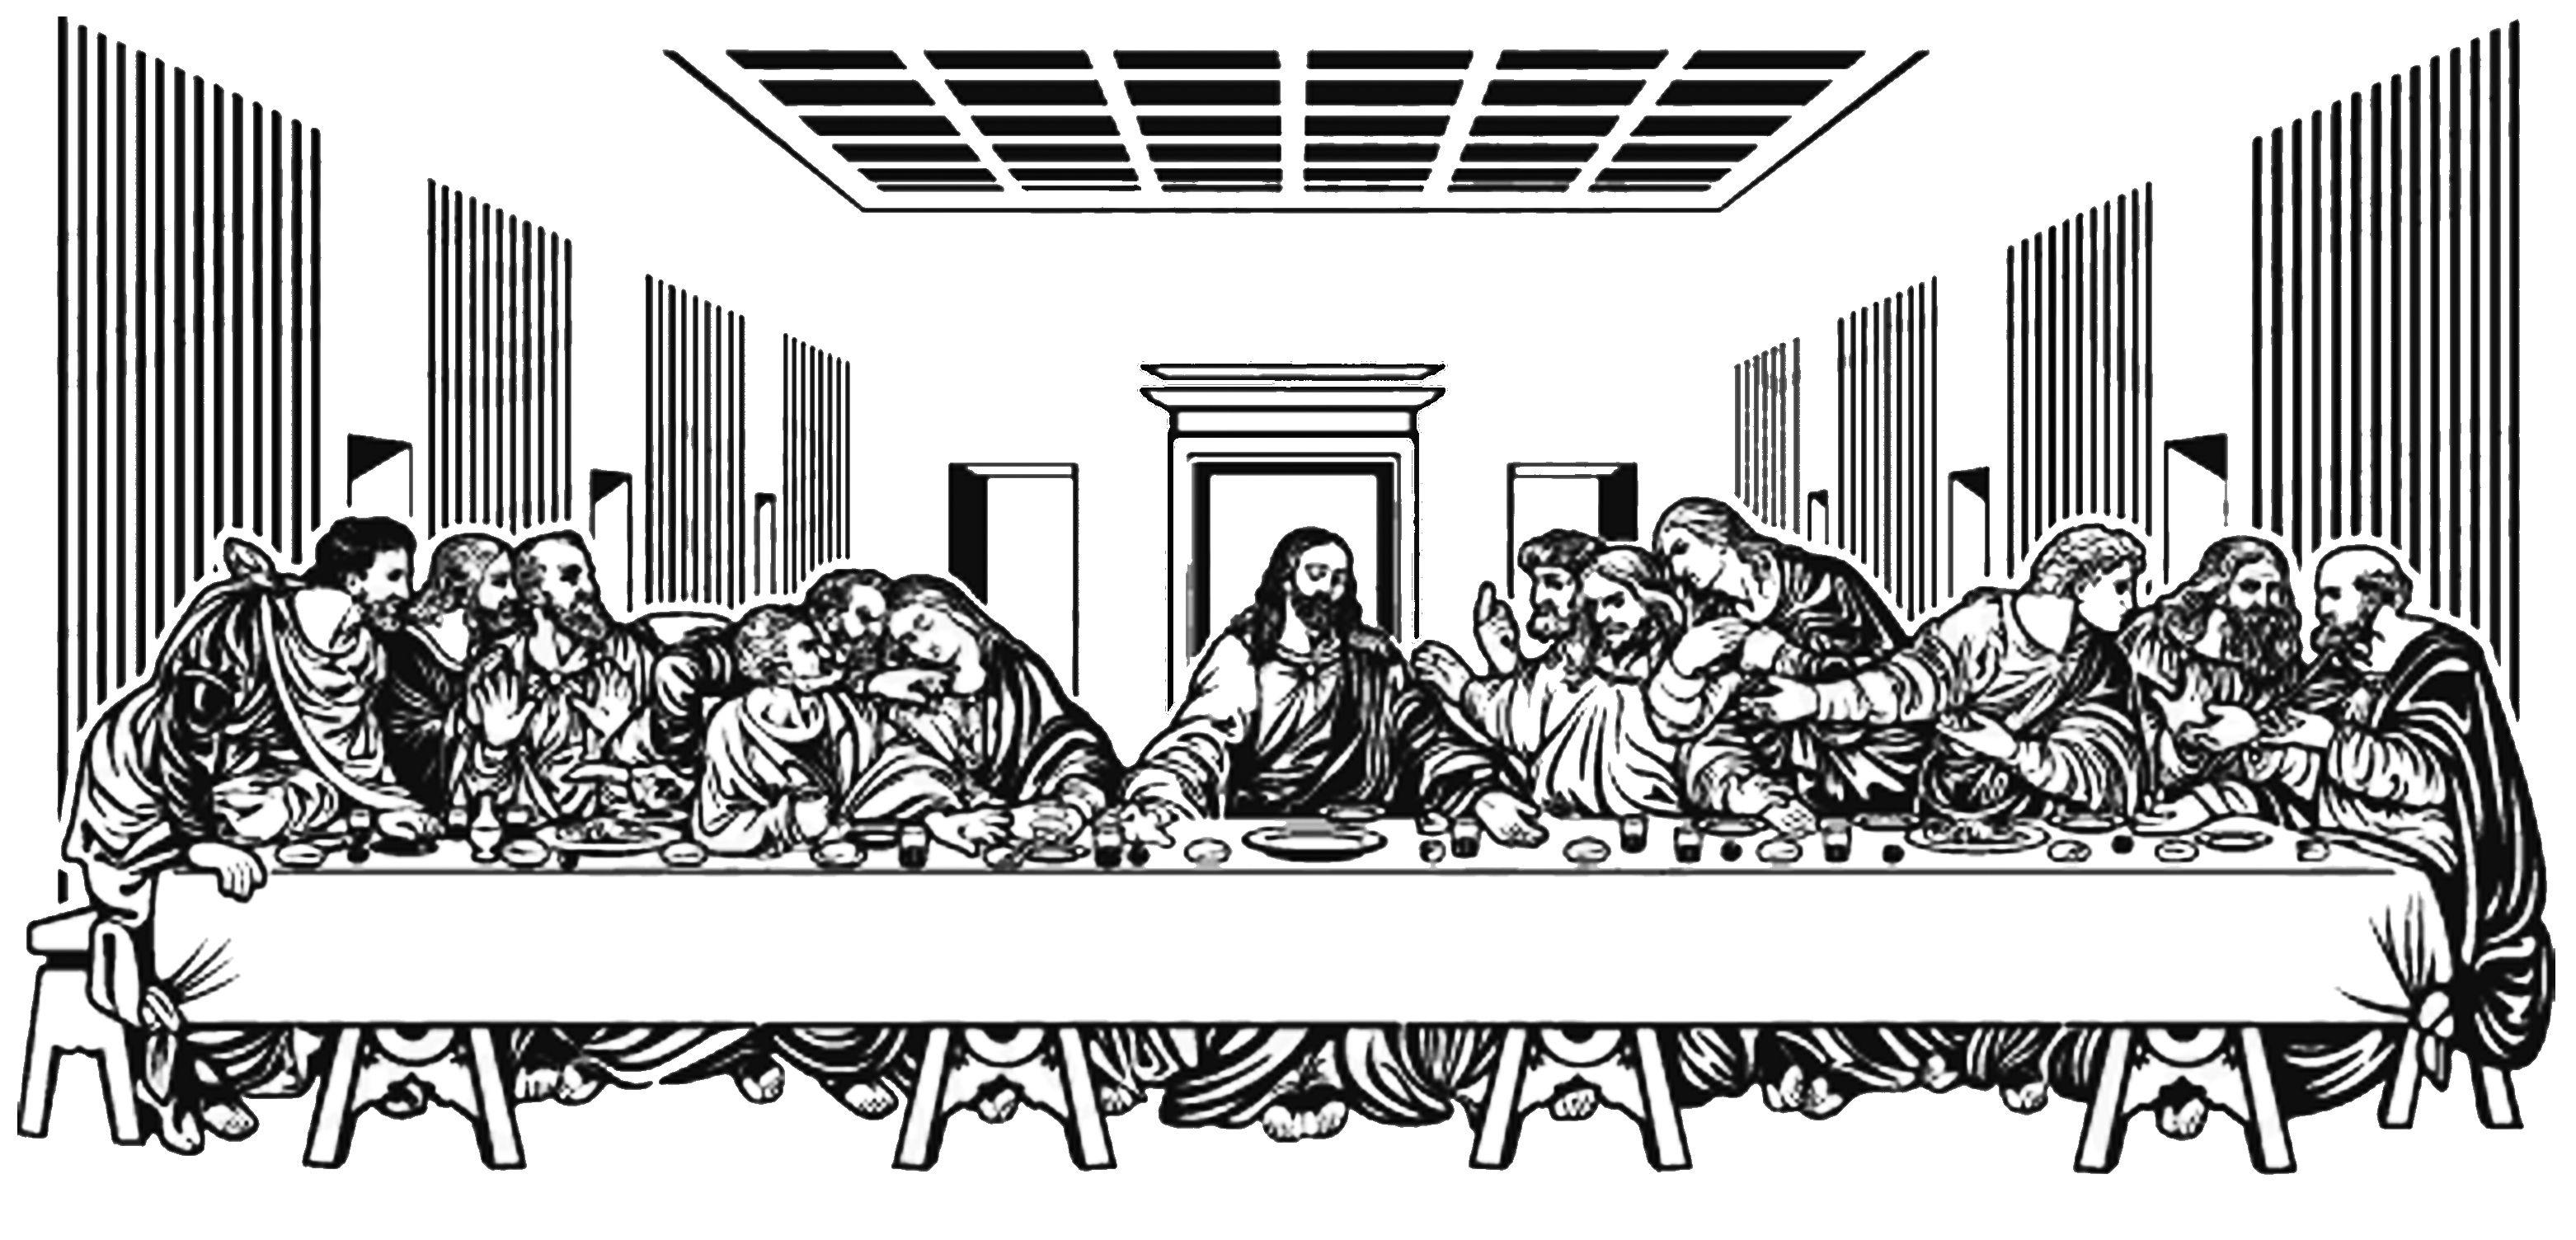 La Ultima Cena Leonardo Da Vinci La Ultima Cena Leonardo Da Vinci Pirografia